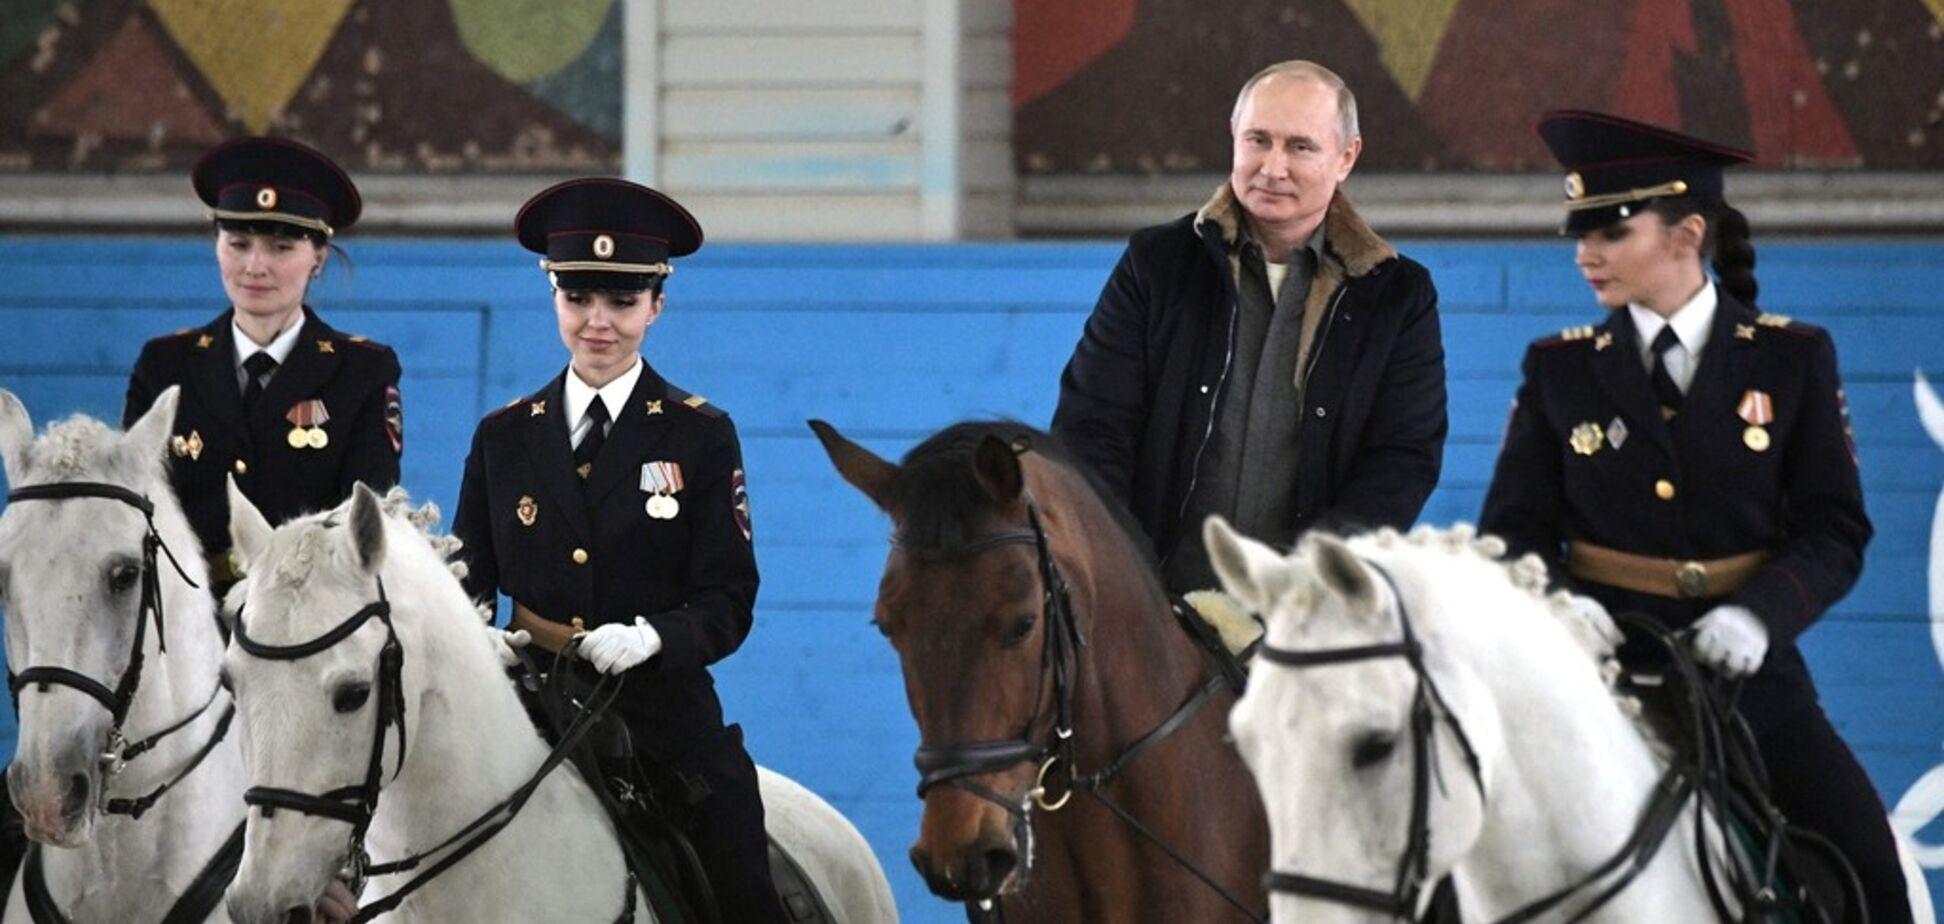 Думаете, Путин стал изгоем? Ошибаетесь!